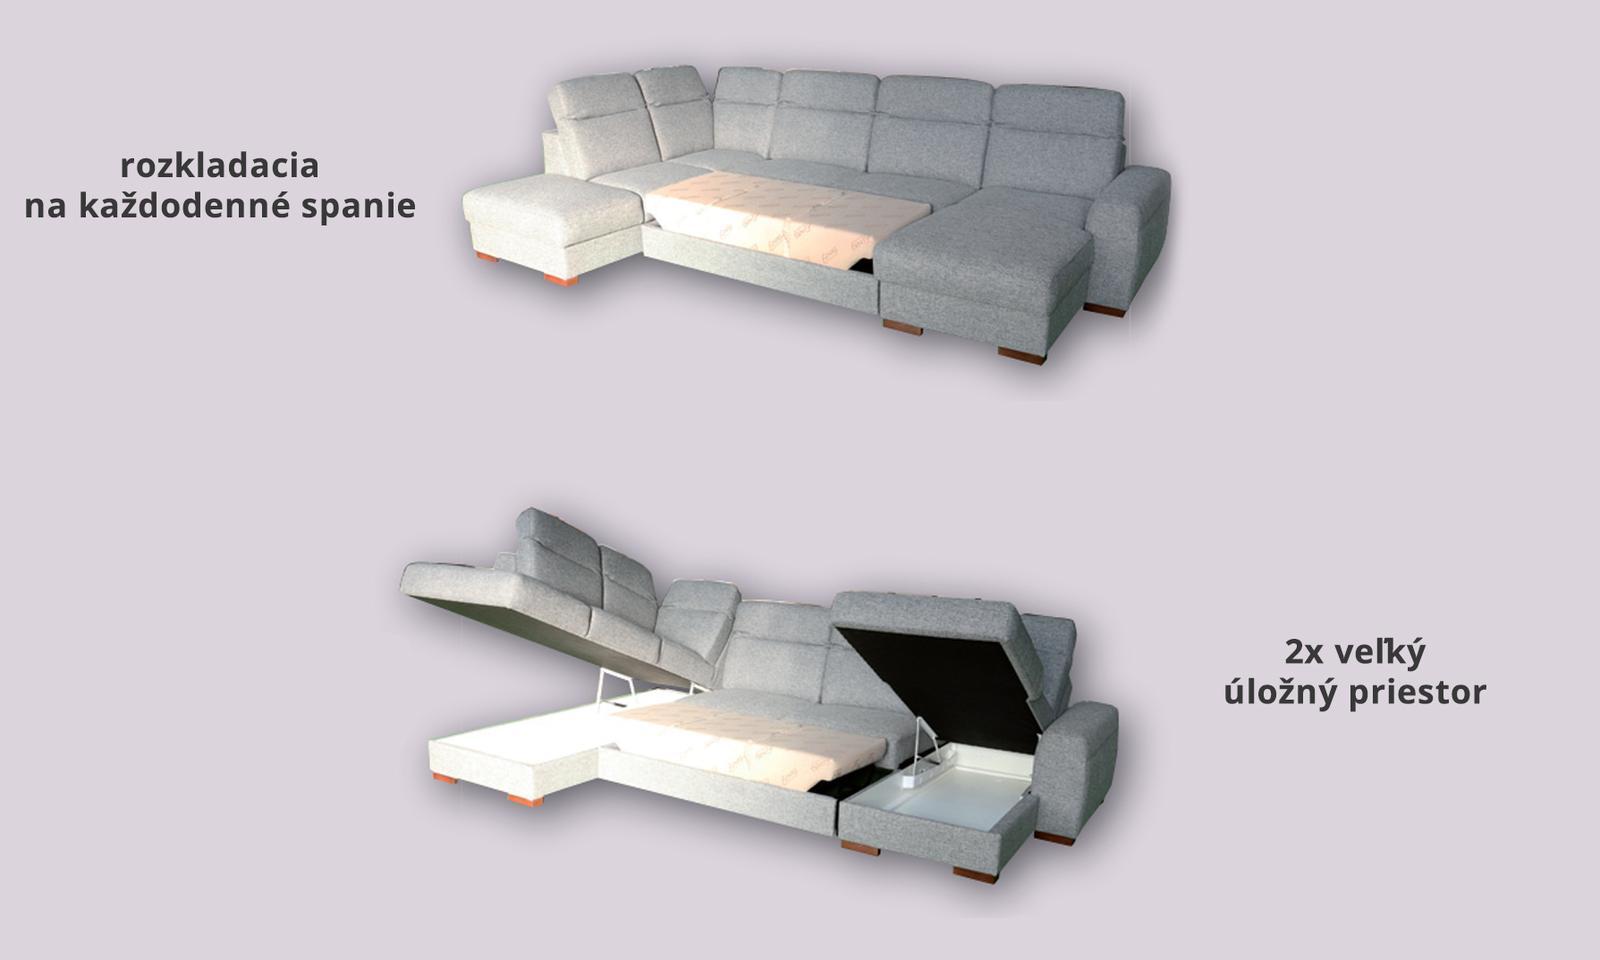 Účková rozkladacia sedačka - Obrázok č. 3